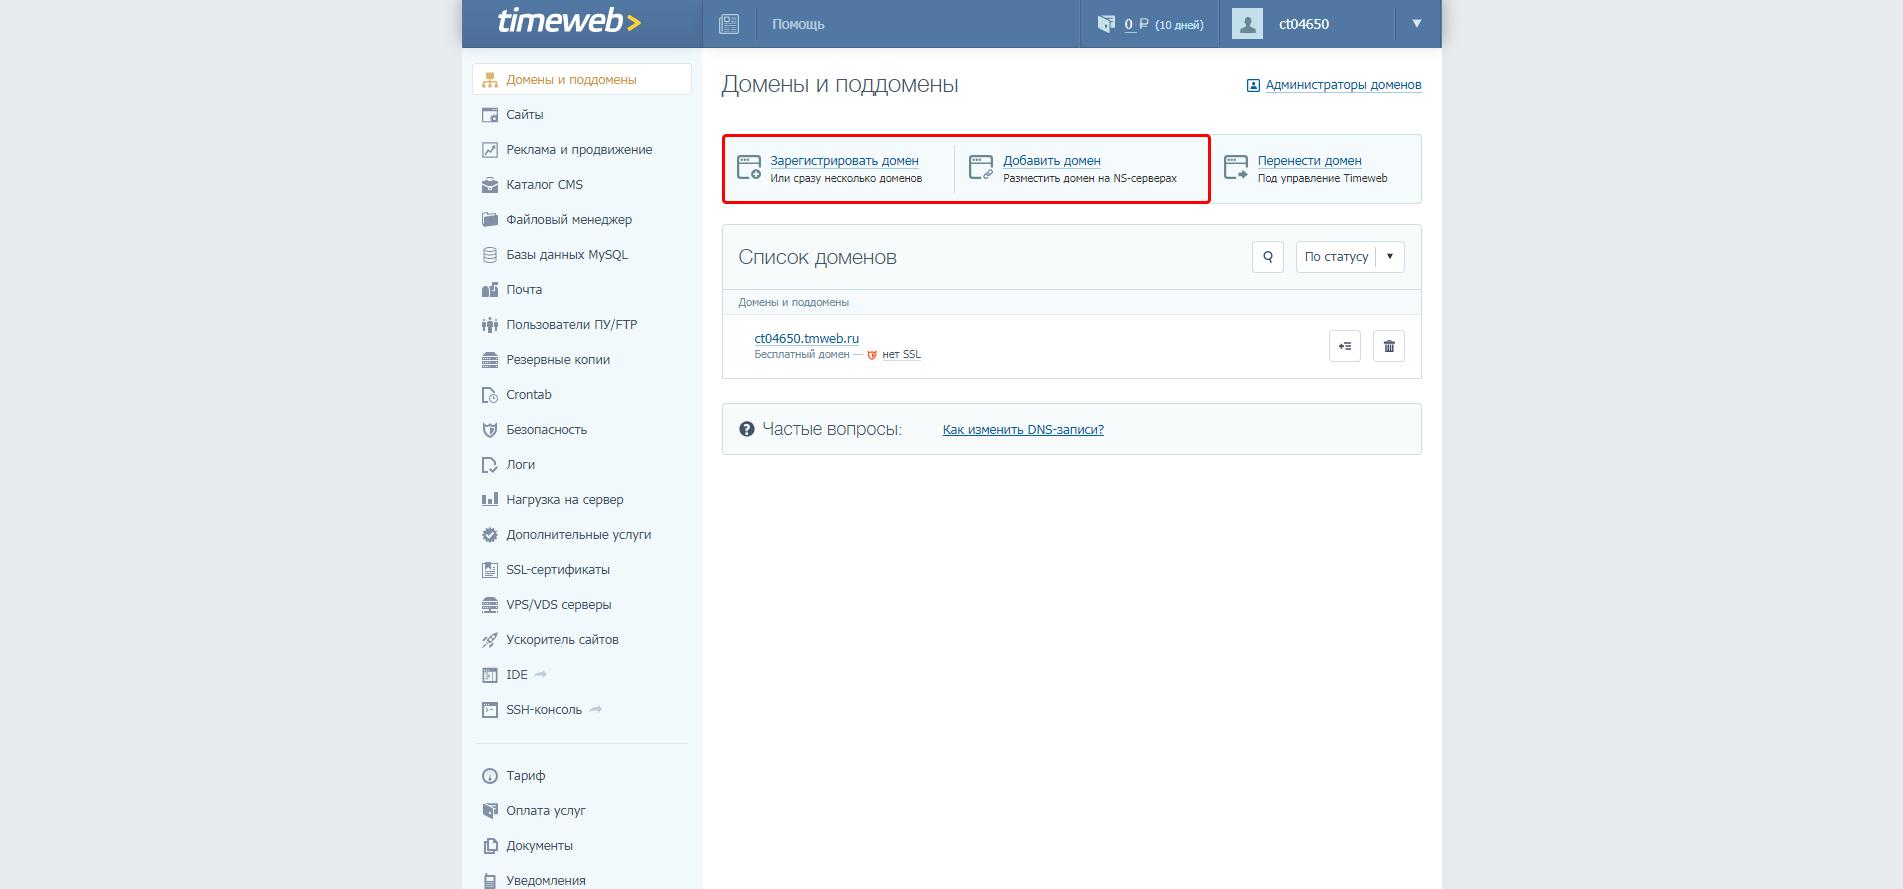 Как на Timeweb подключить бесплатный домен